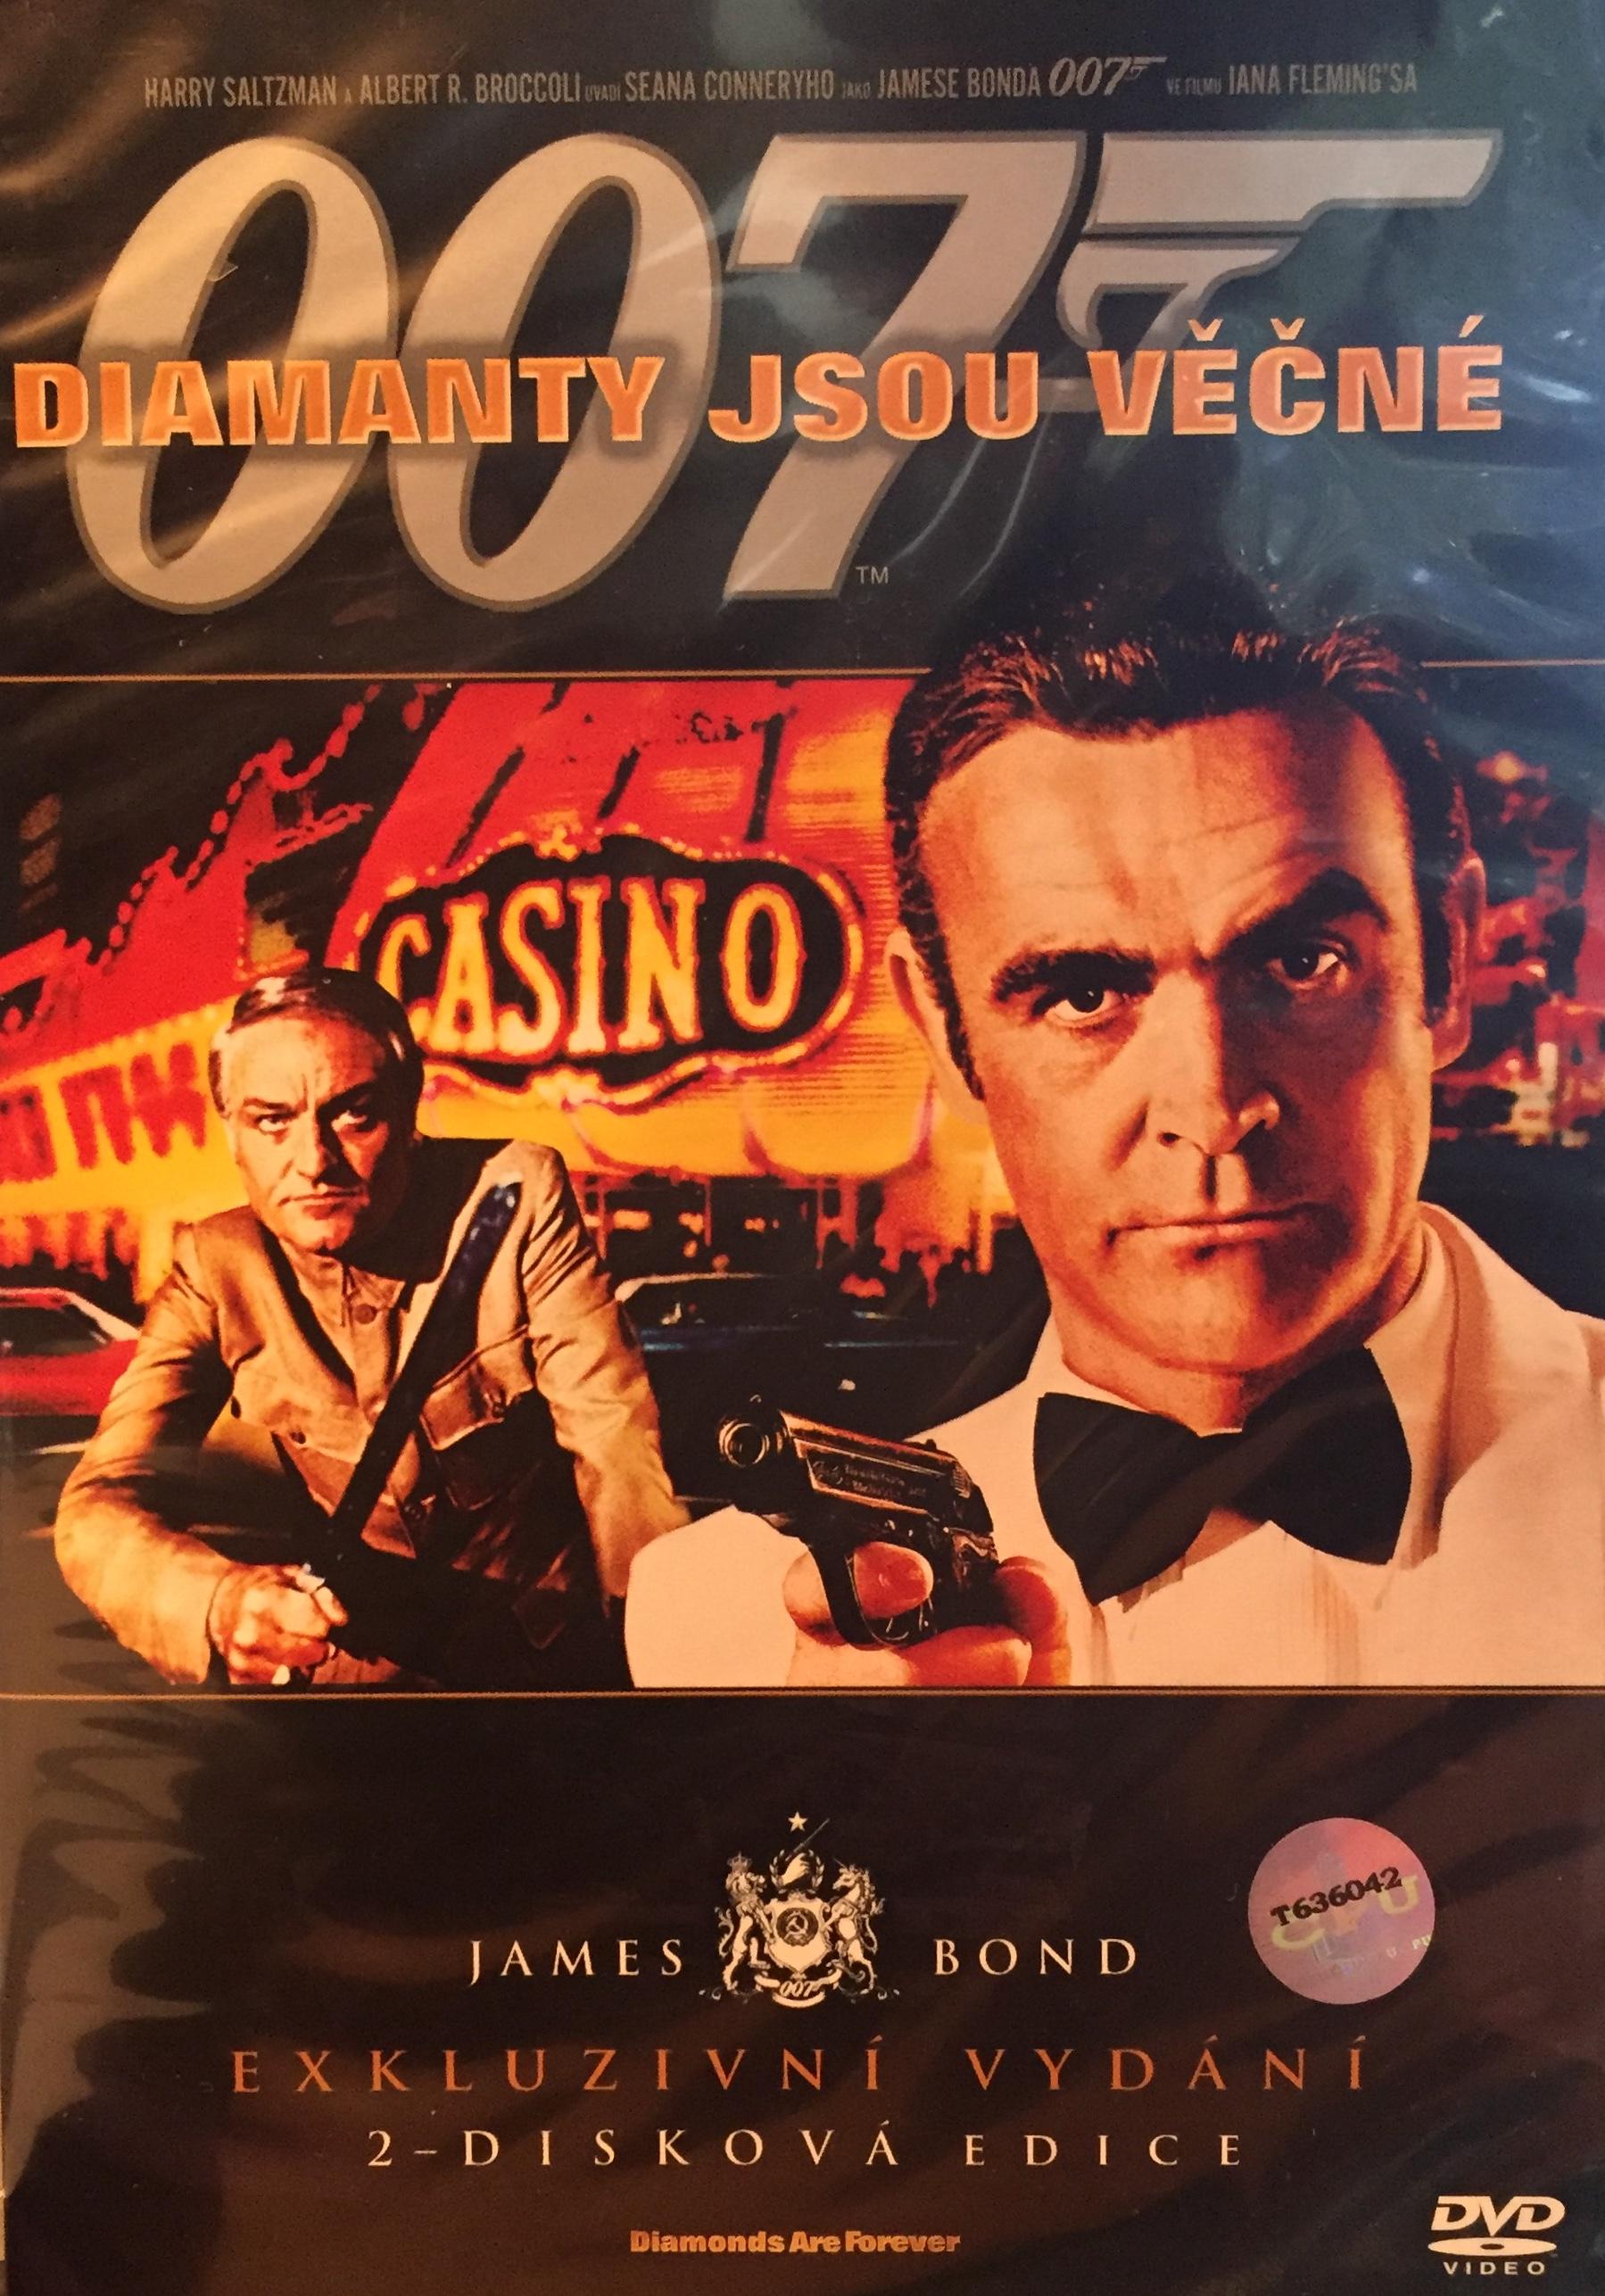 James Bond - Diamanty jsou věčné - Exkluzivní vydání 2-disková edice - DVD /plast/